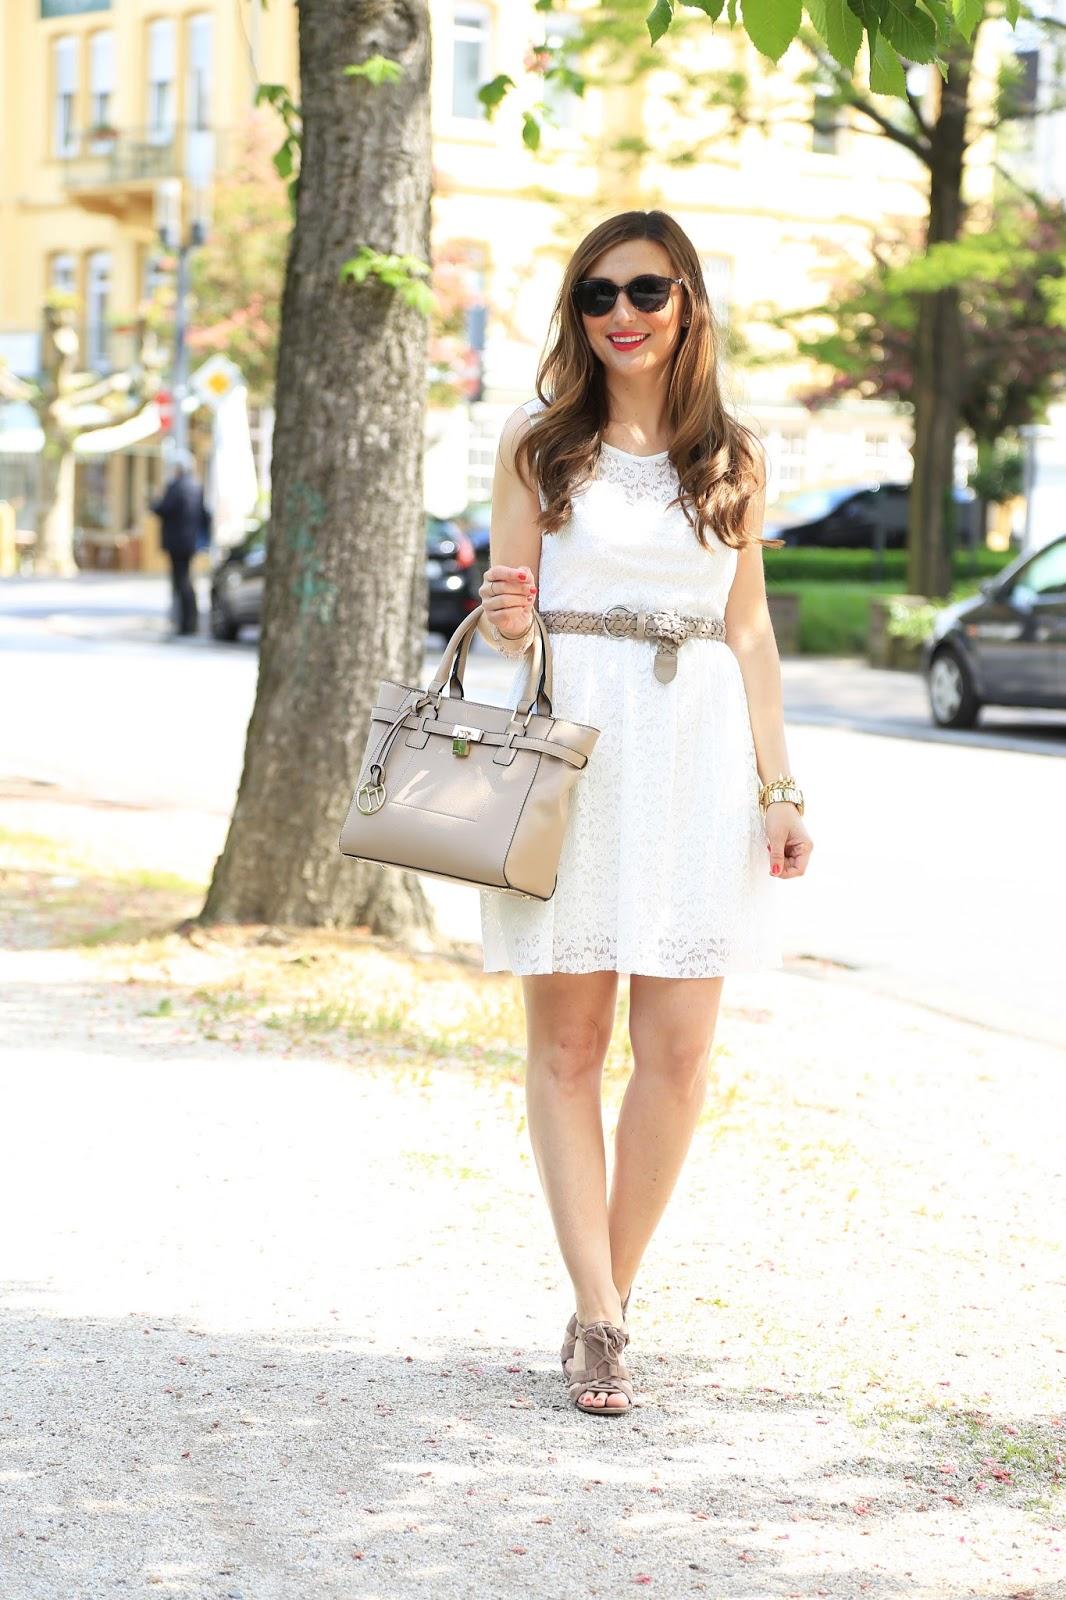 Fashionstylebyjohanna im Weißen Kleid - weiße Spitzenkleid Blogger - Looks der Blogger - Blogger aus deutschland -Deutsche fashionblogger